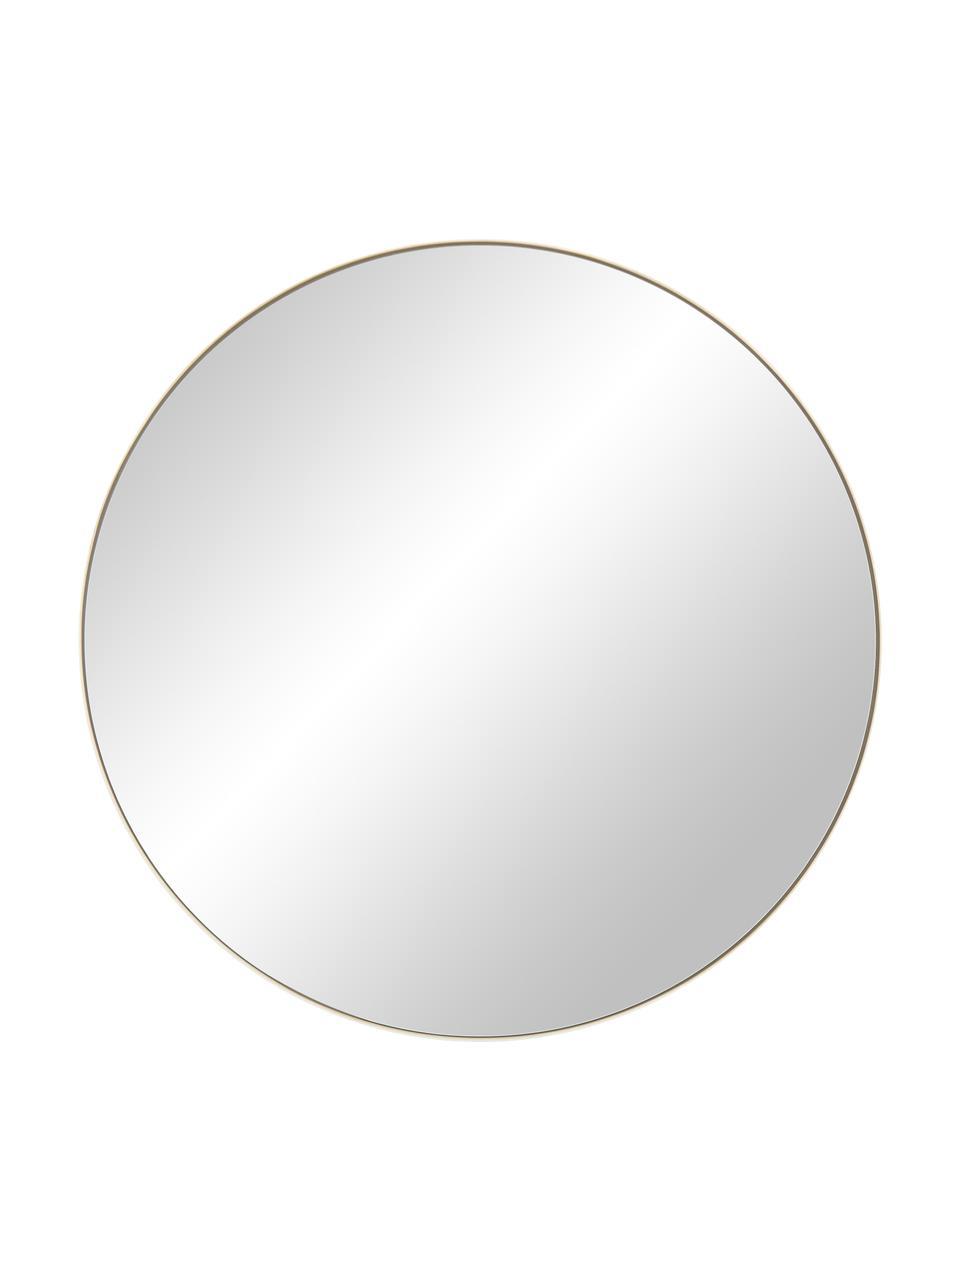 Runder Wandspiegel Ivy mit goldenem Rahmen, Rahmen: Metall, vermessingt, Spiegelfläche: Spiegelglas, Rückseite: Mitteldichte Holzfaserpla, Gold, Ø 100 cm